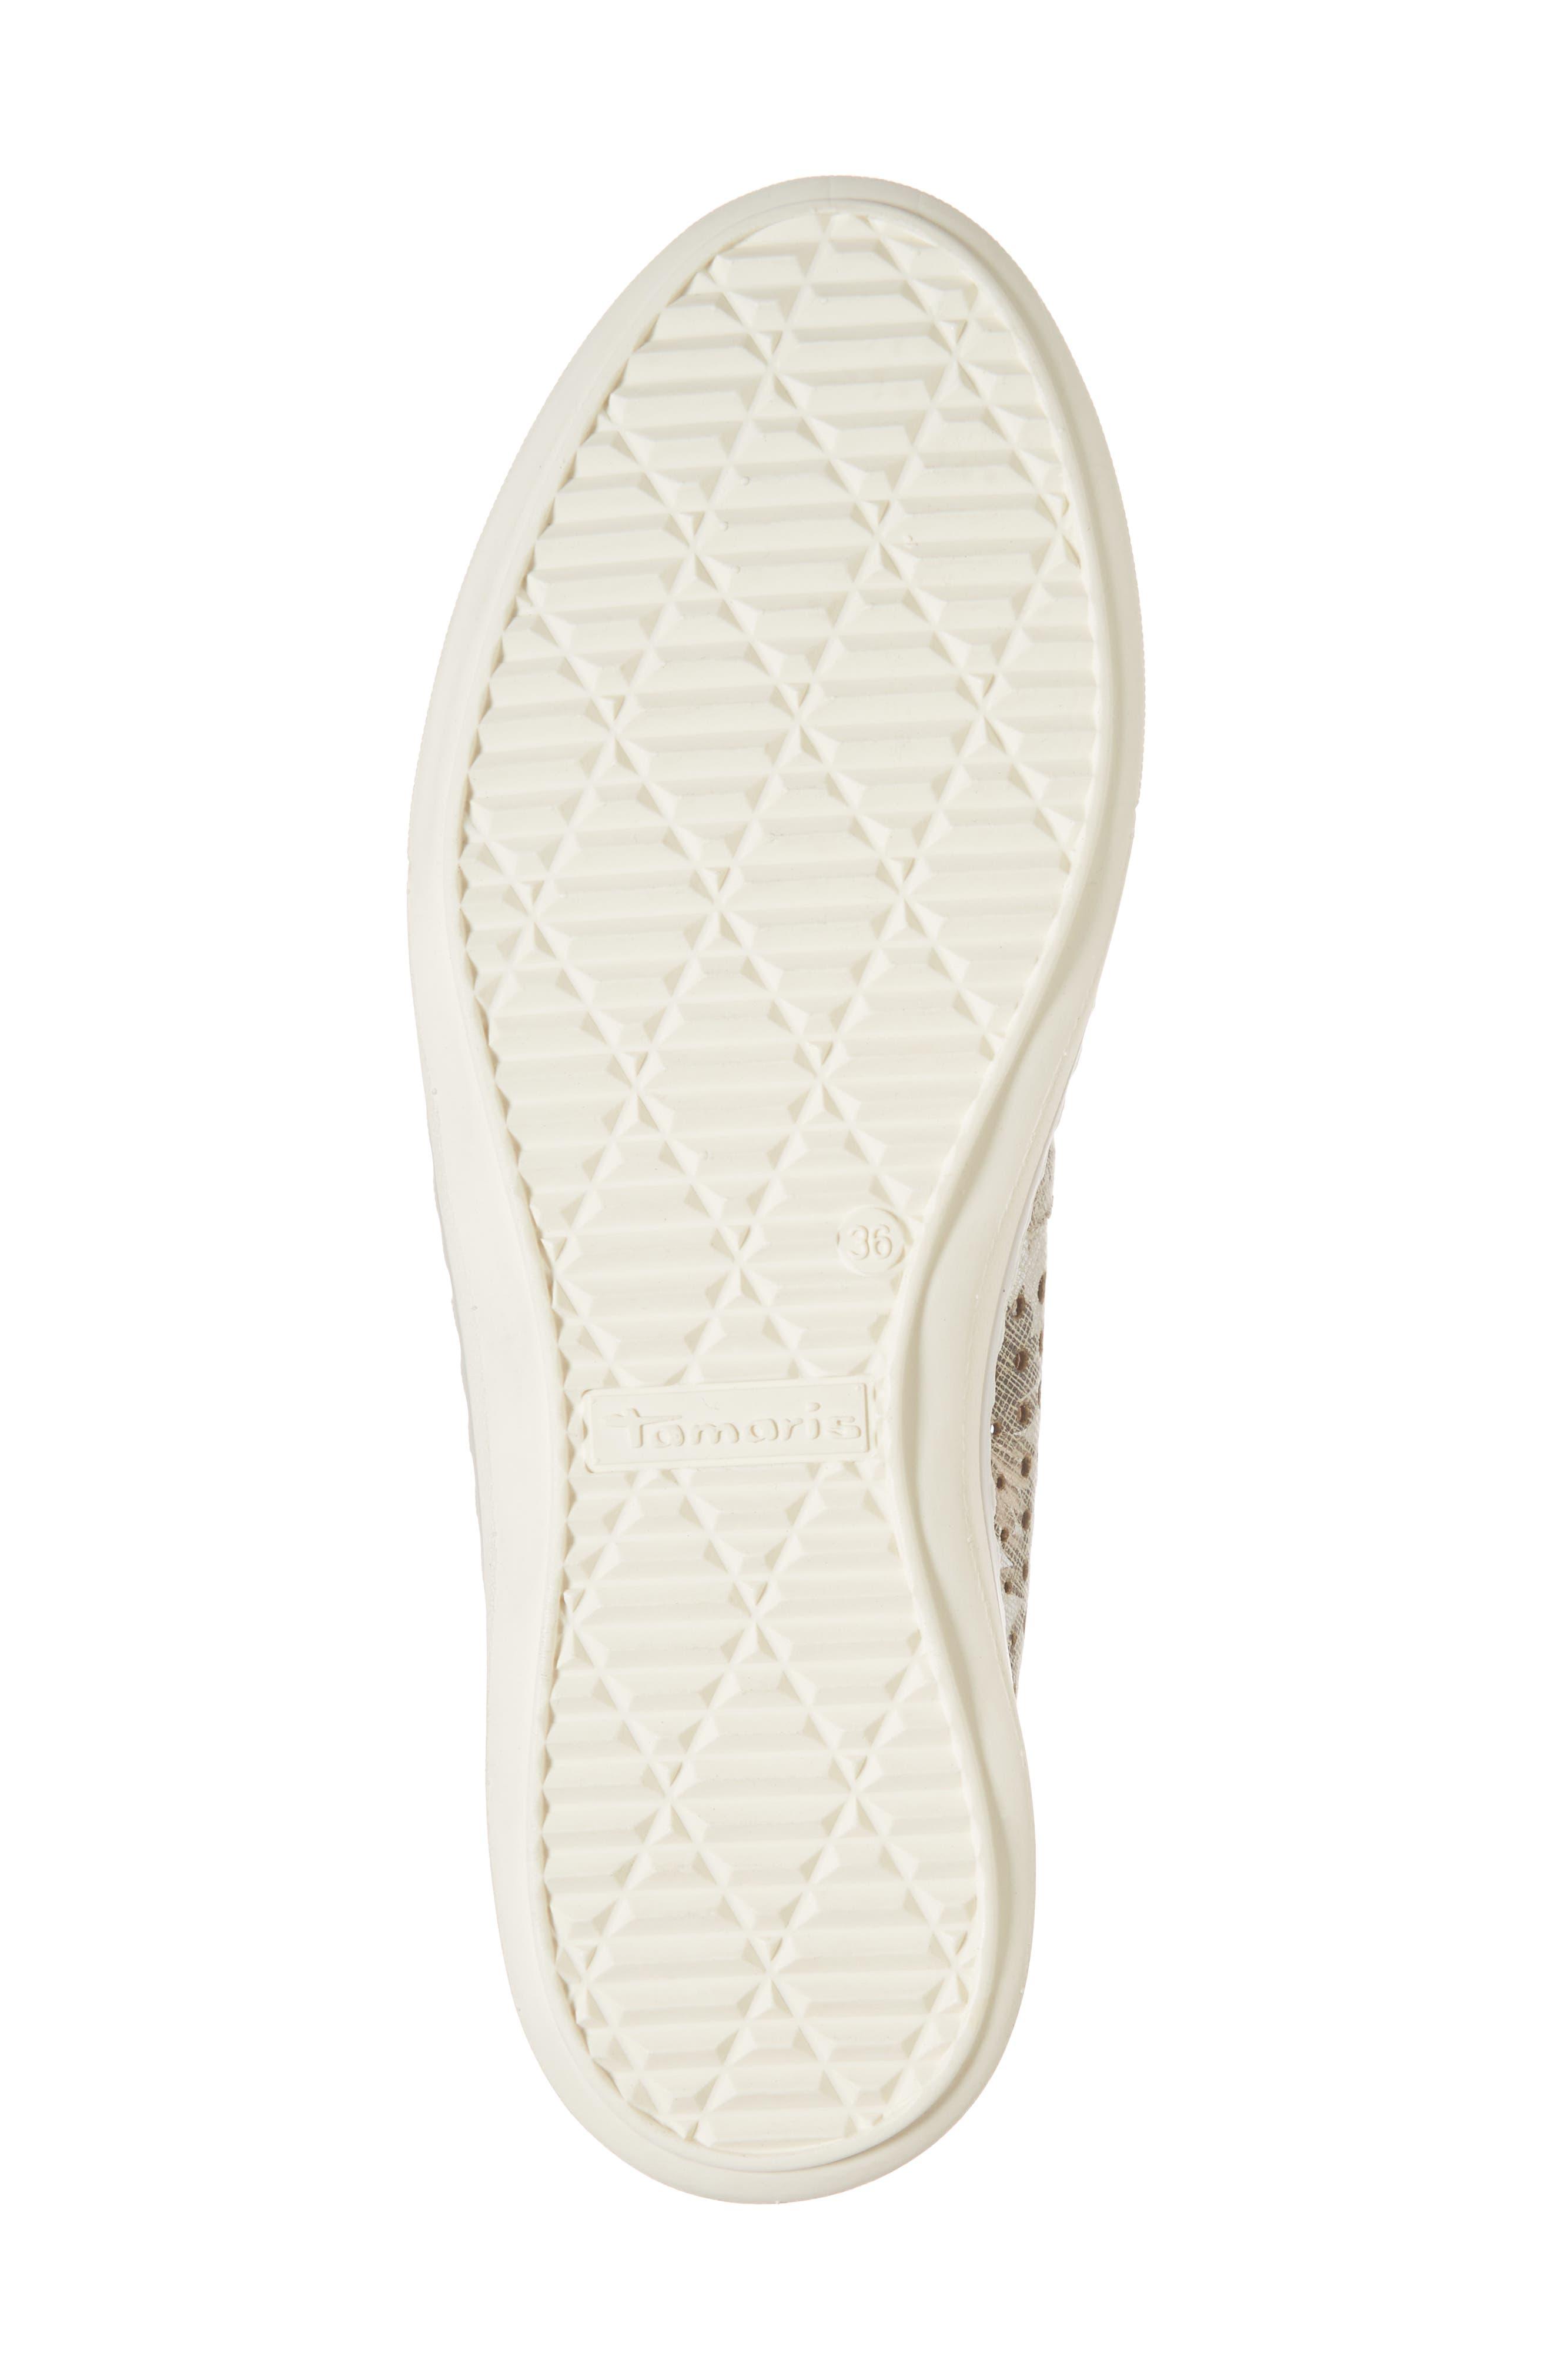 Freya Slip-On Sneaker,                             Alternate thumbnail 6, color,                             250